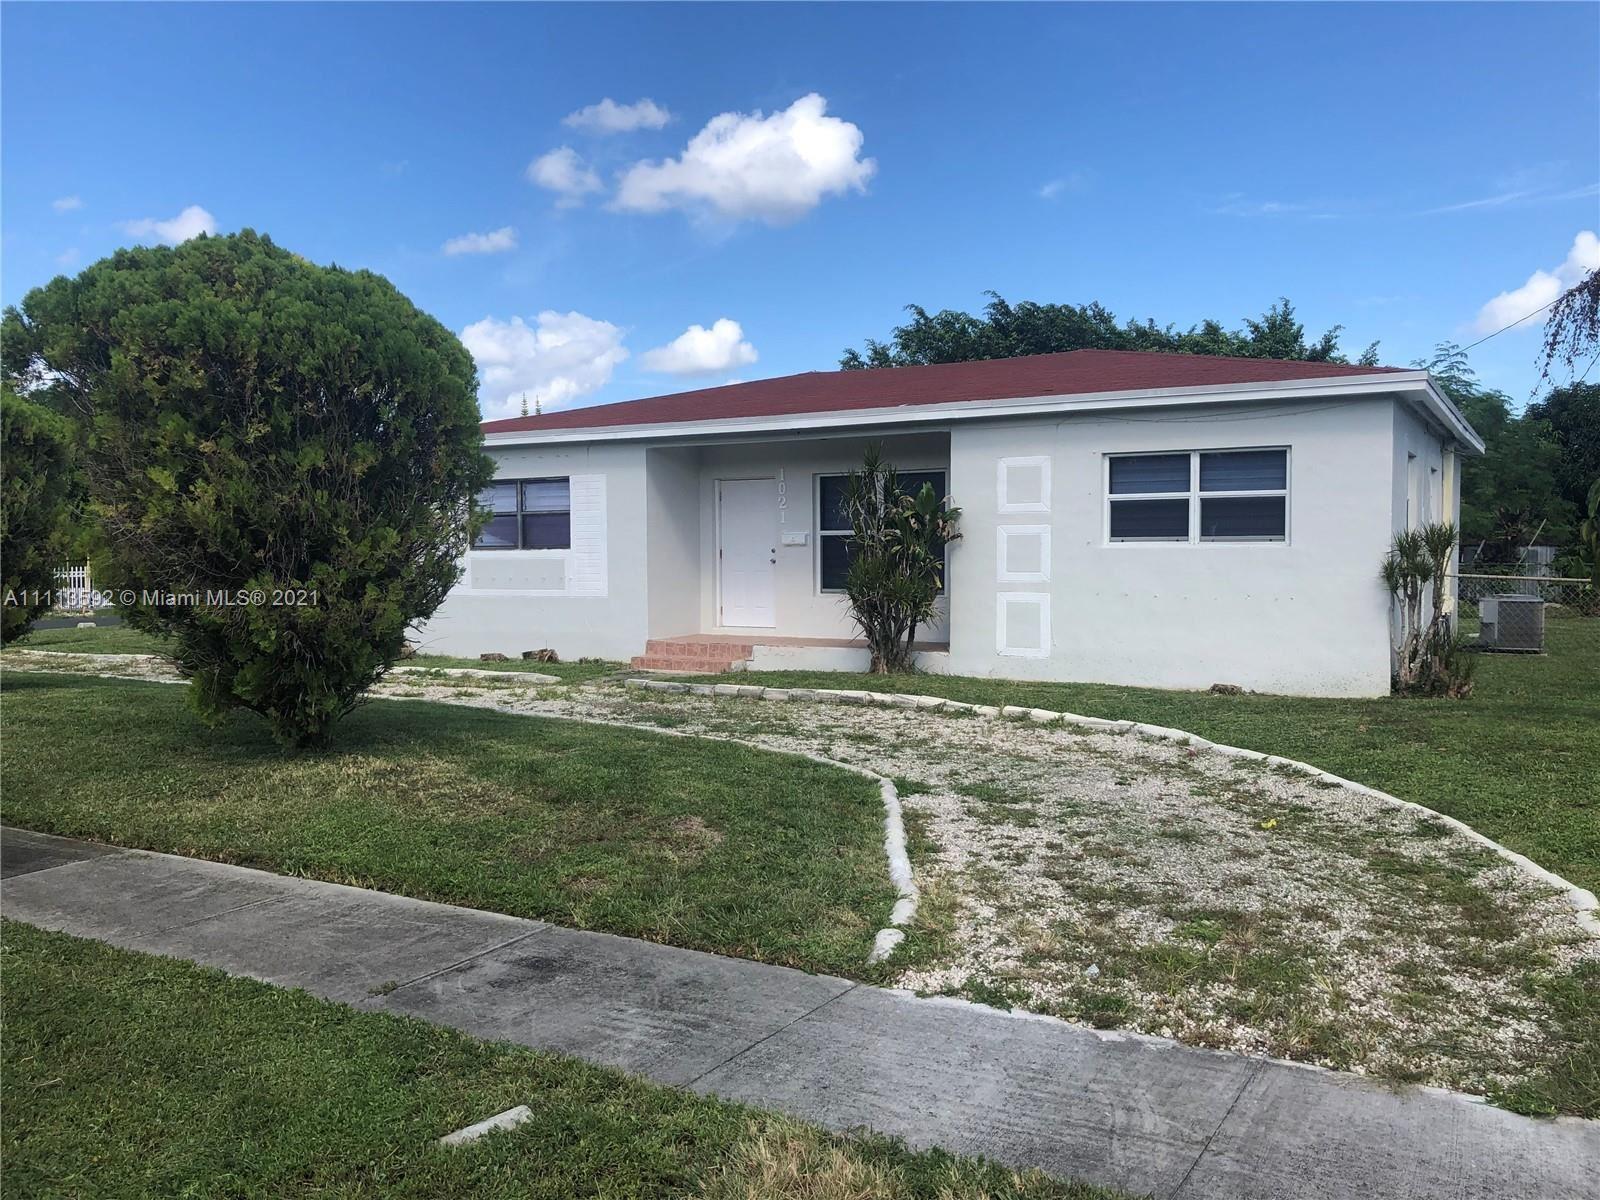 1021 NE 153rd Ter, North Miami Beach, FL 33162 - #: A11113592